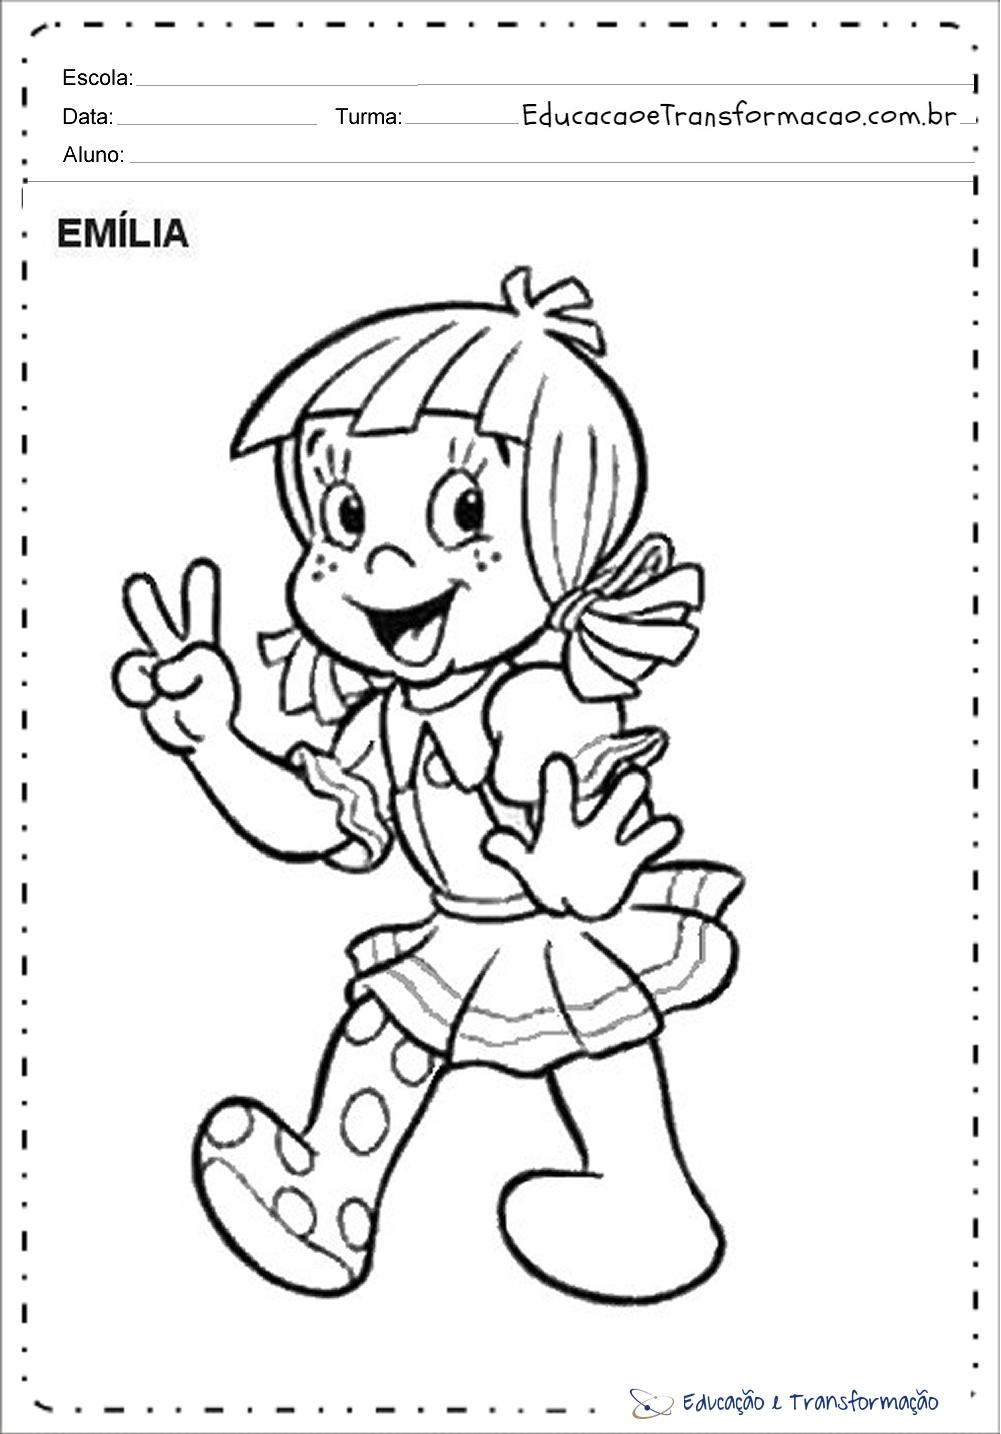 Atividades Dia do Monteiro Lobato para colorir – Emília